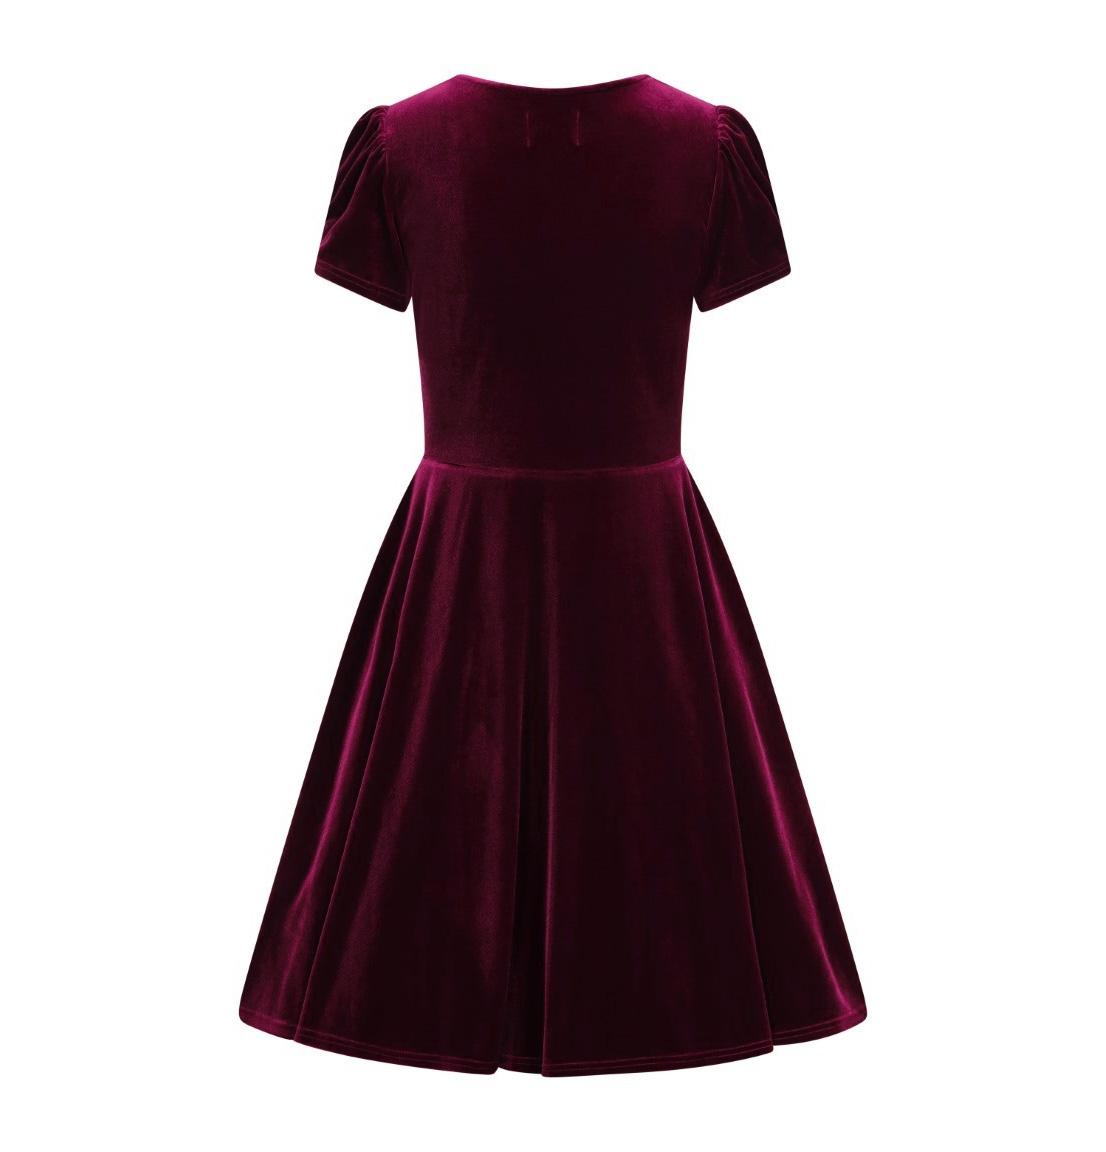 Hell-Bunny-40s-50s-Elegant-Pin-Up-Dress-JOANNE-Crushed-Velvet-Burgundy-All-Sizes thumbnail 7